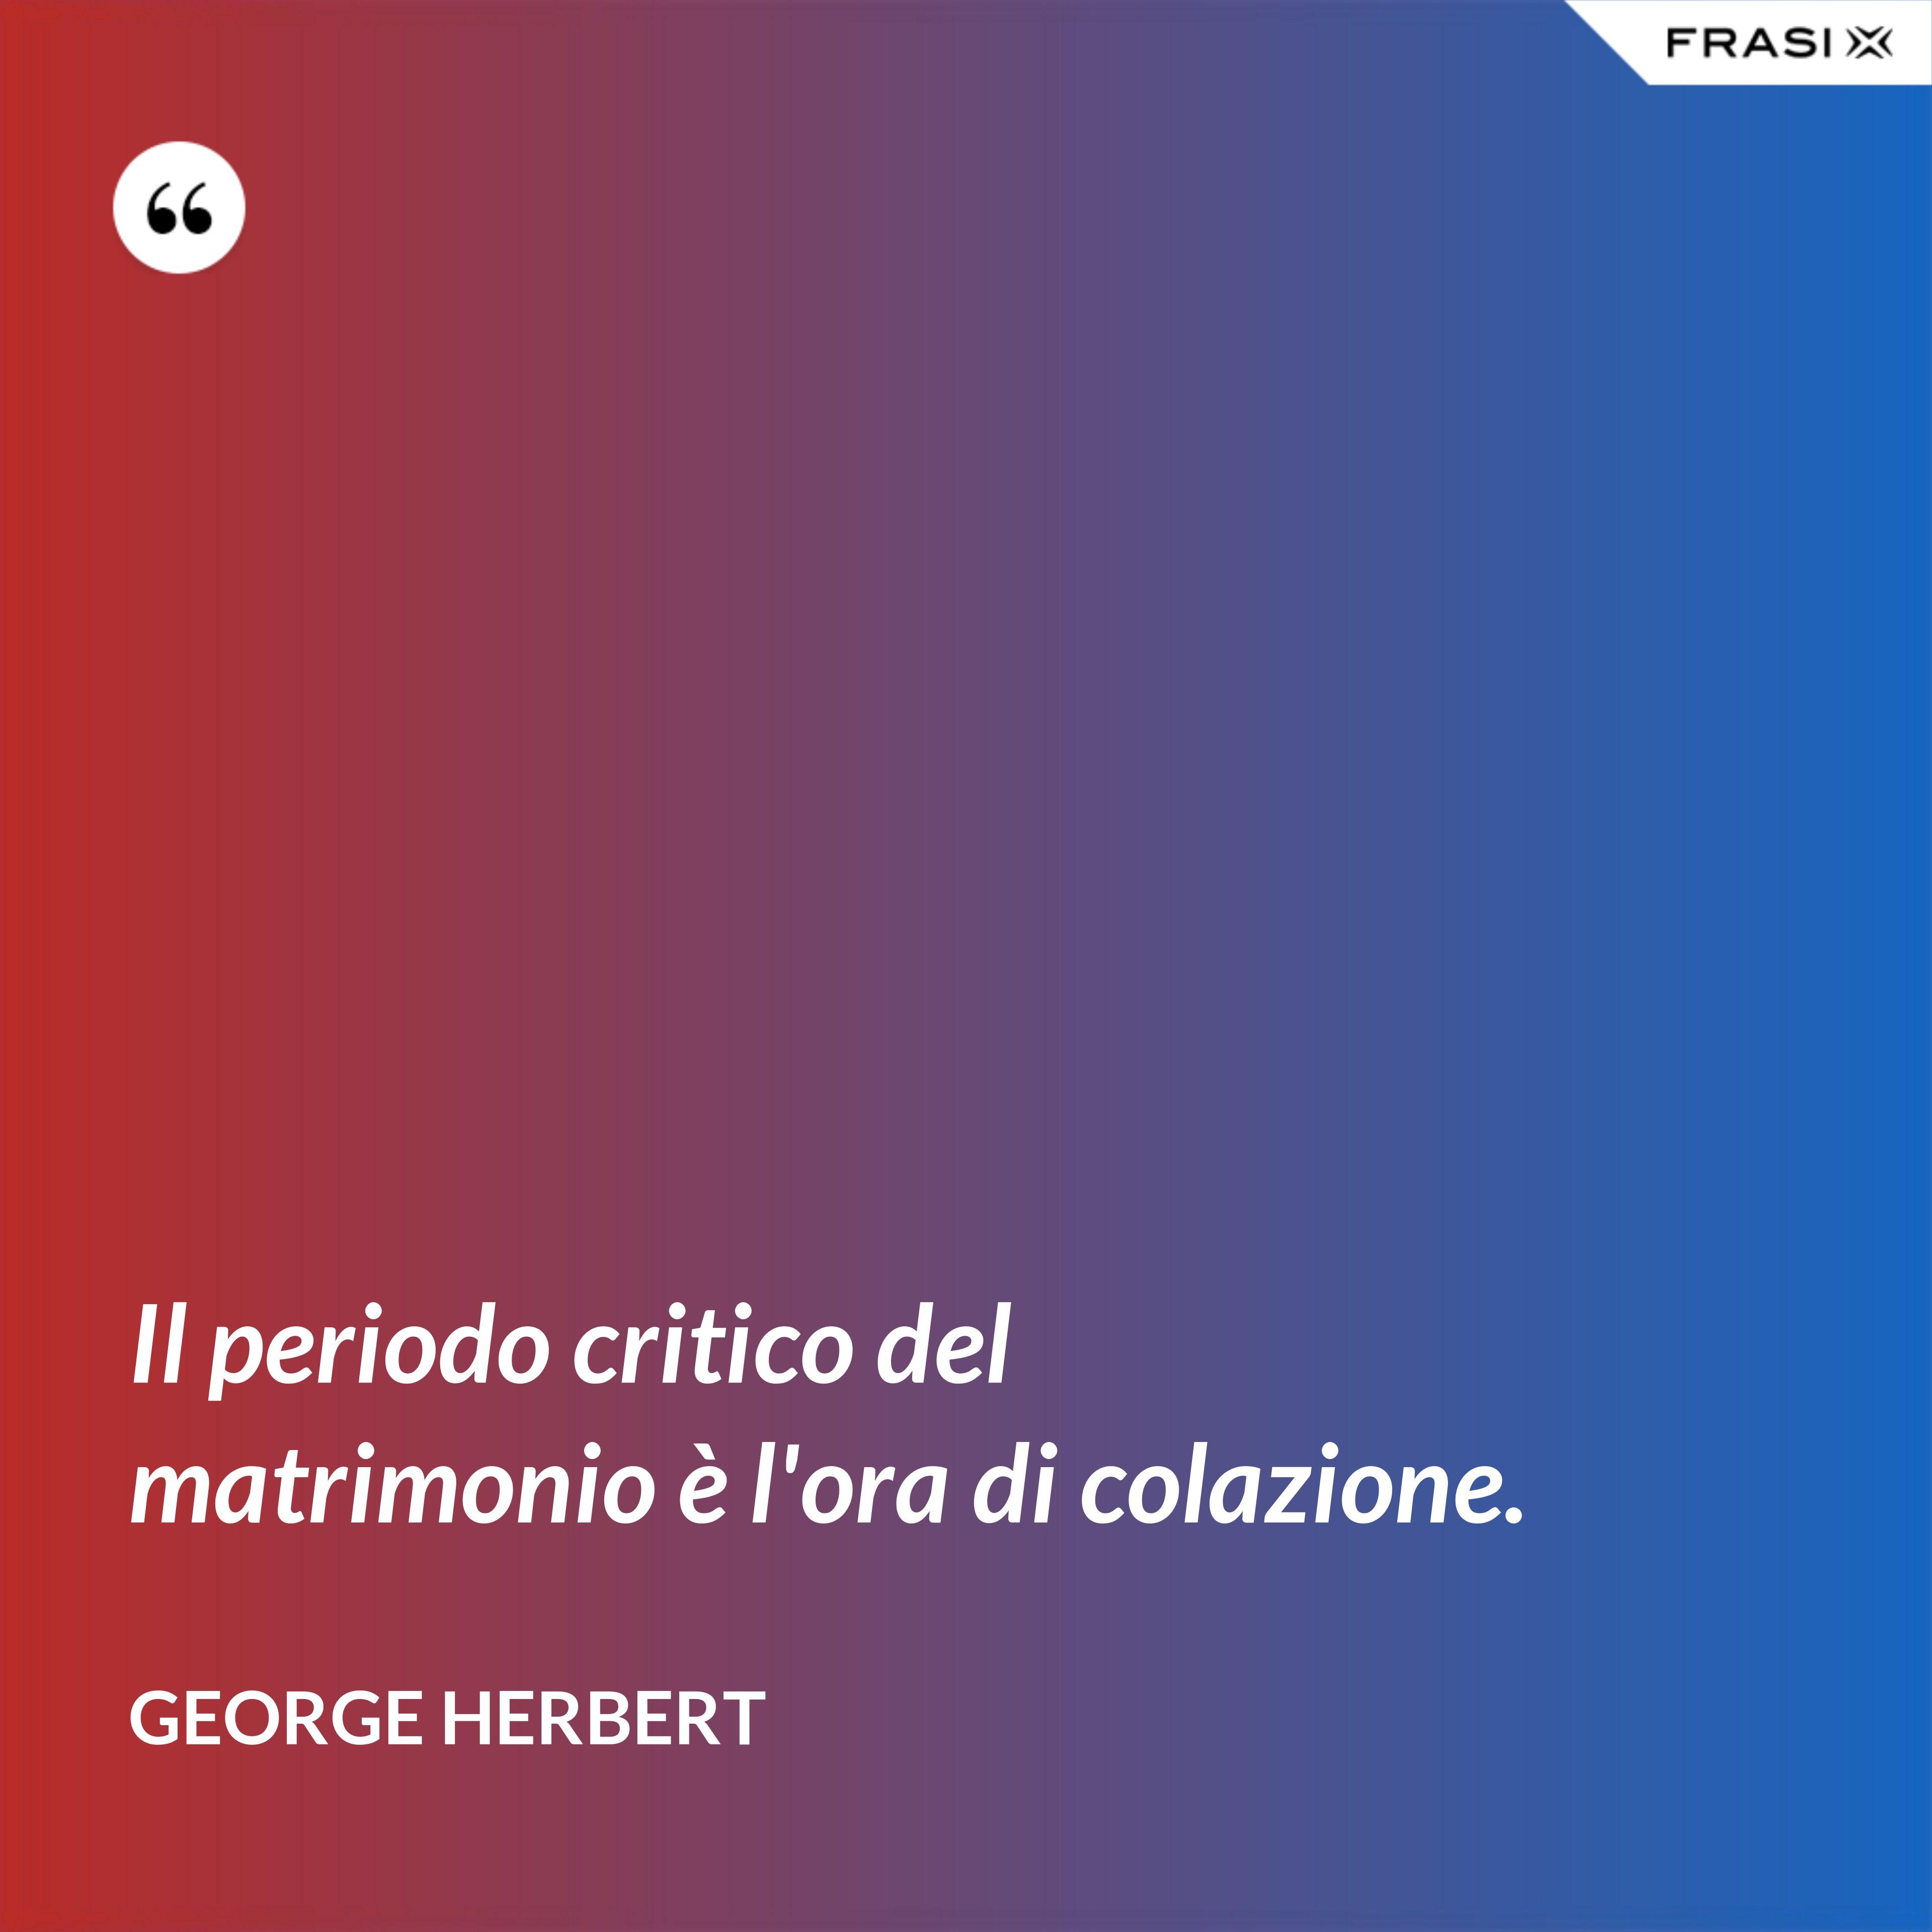 Il periodo critico del matrimonio è l'ora di colazione. - George Herbert